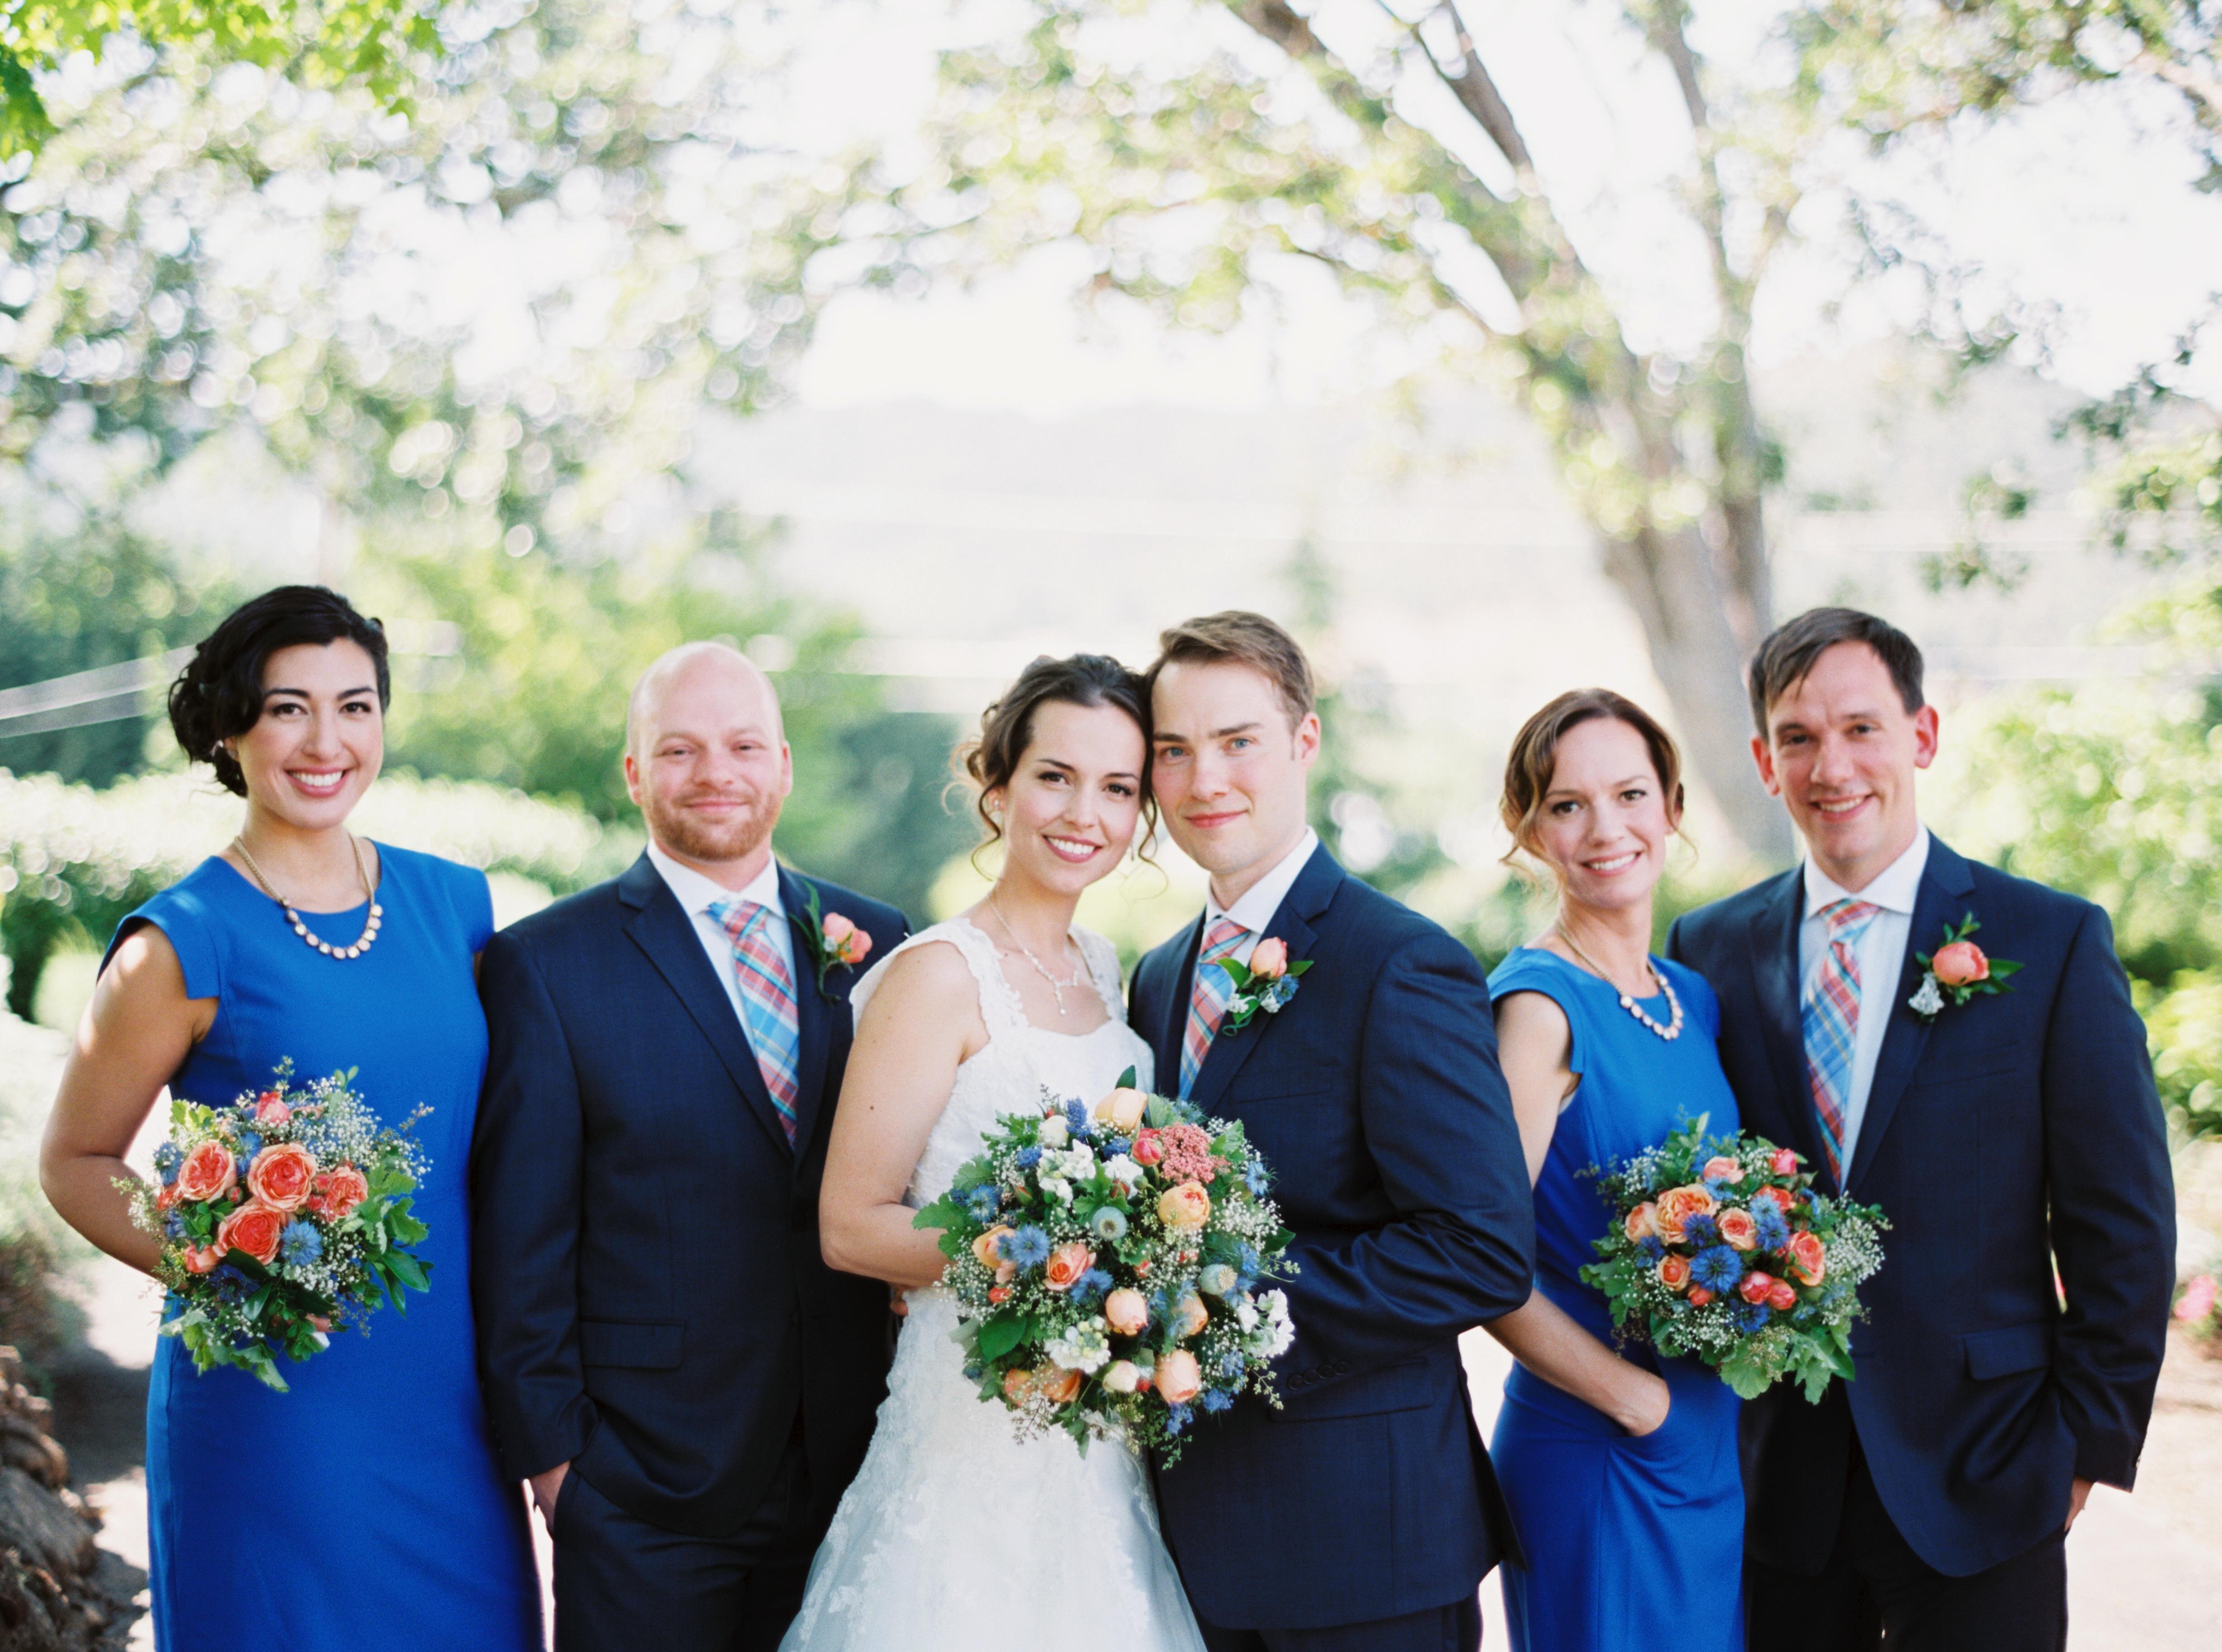 oregon wedding venues outdoors